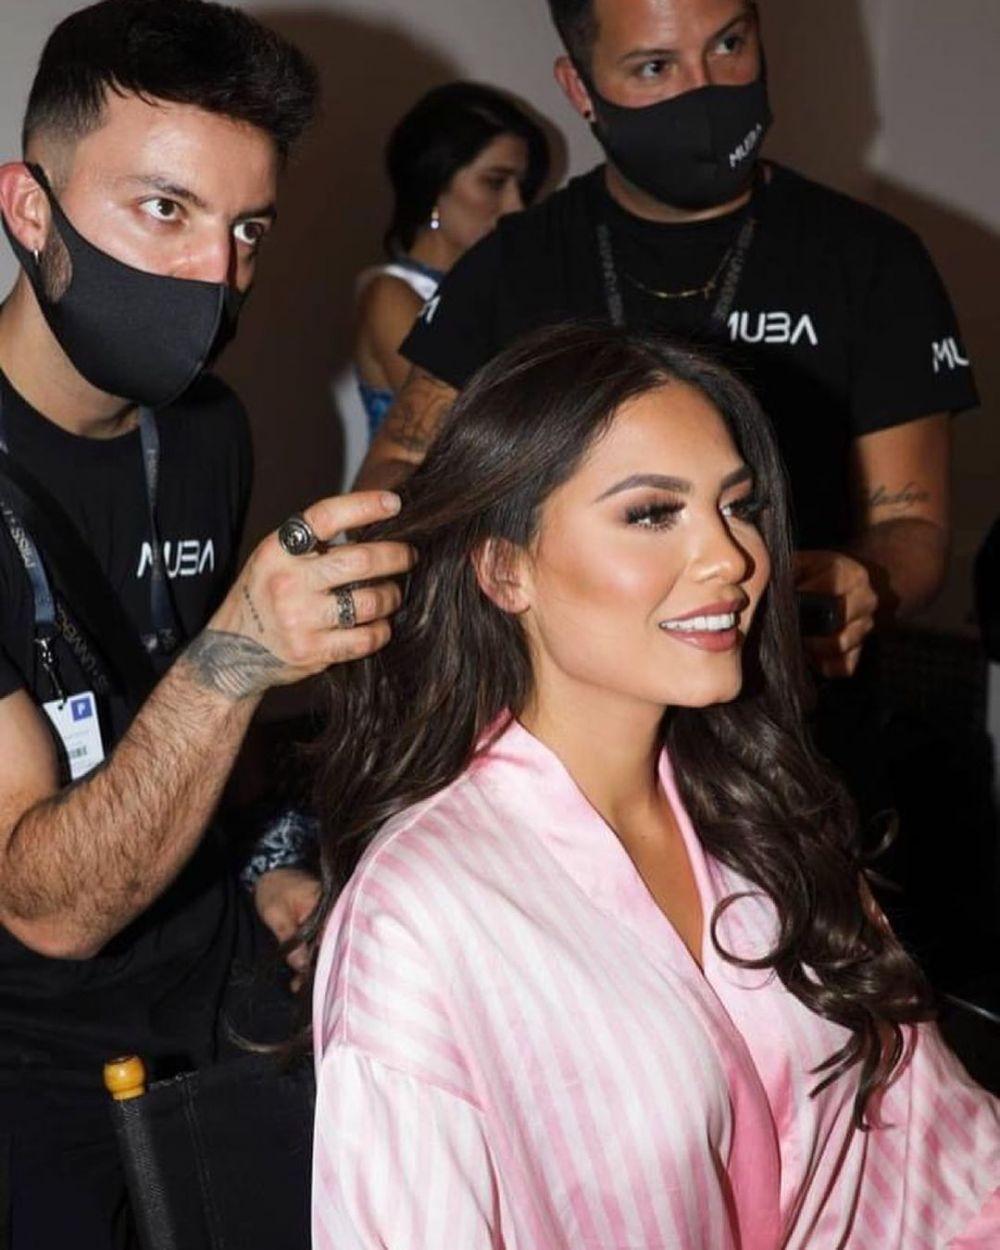 10 Potret Menawan Andrea Meza, Miss Universe 2020 dari Meksiko